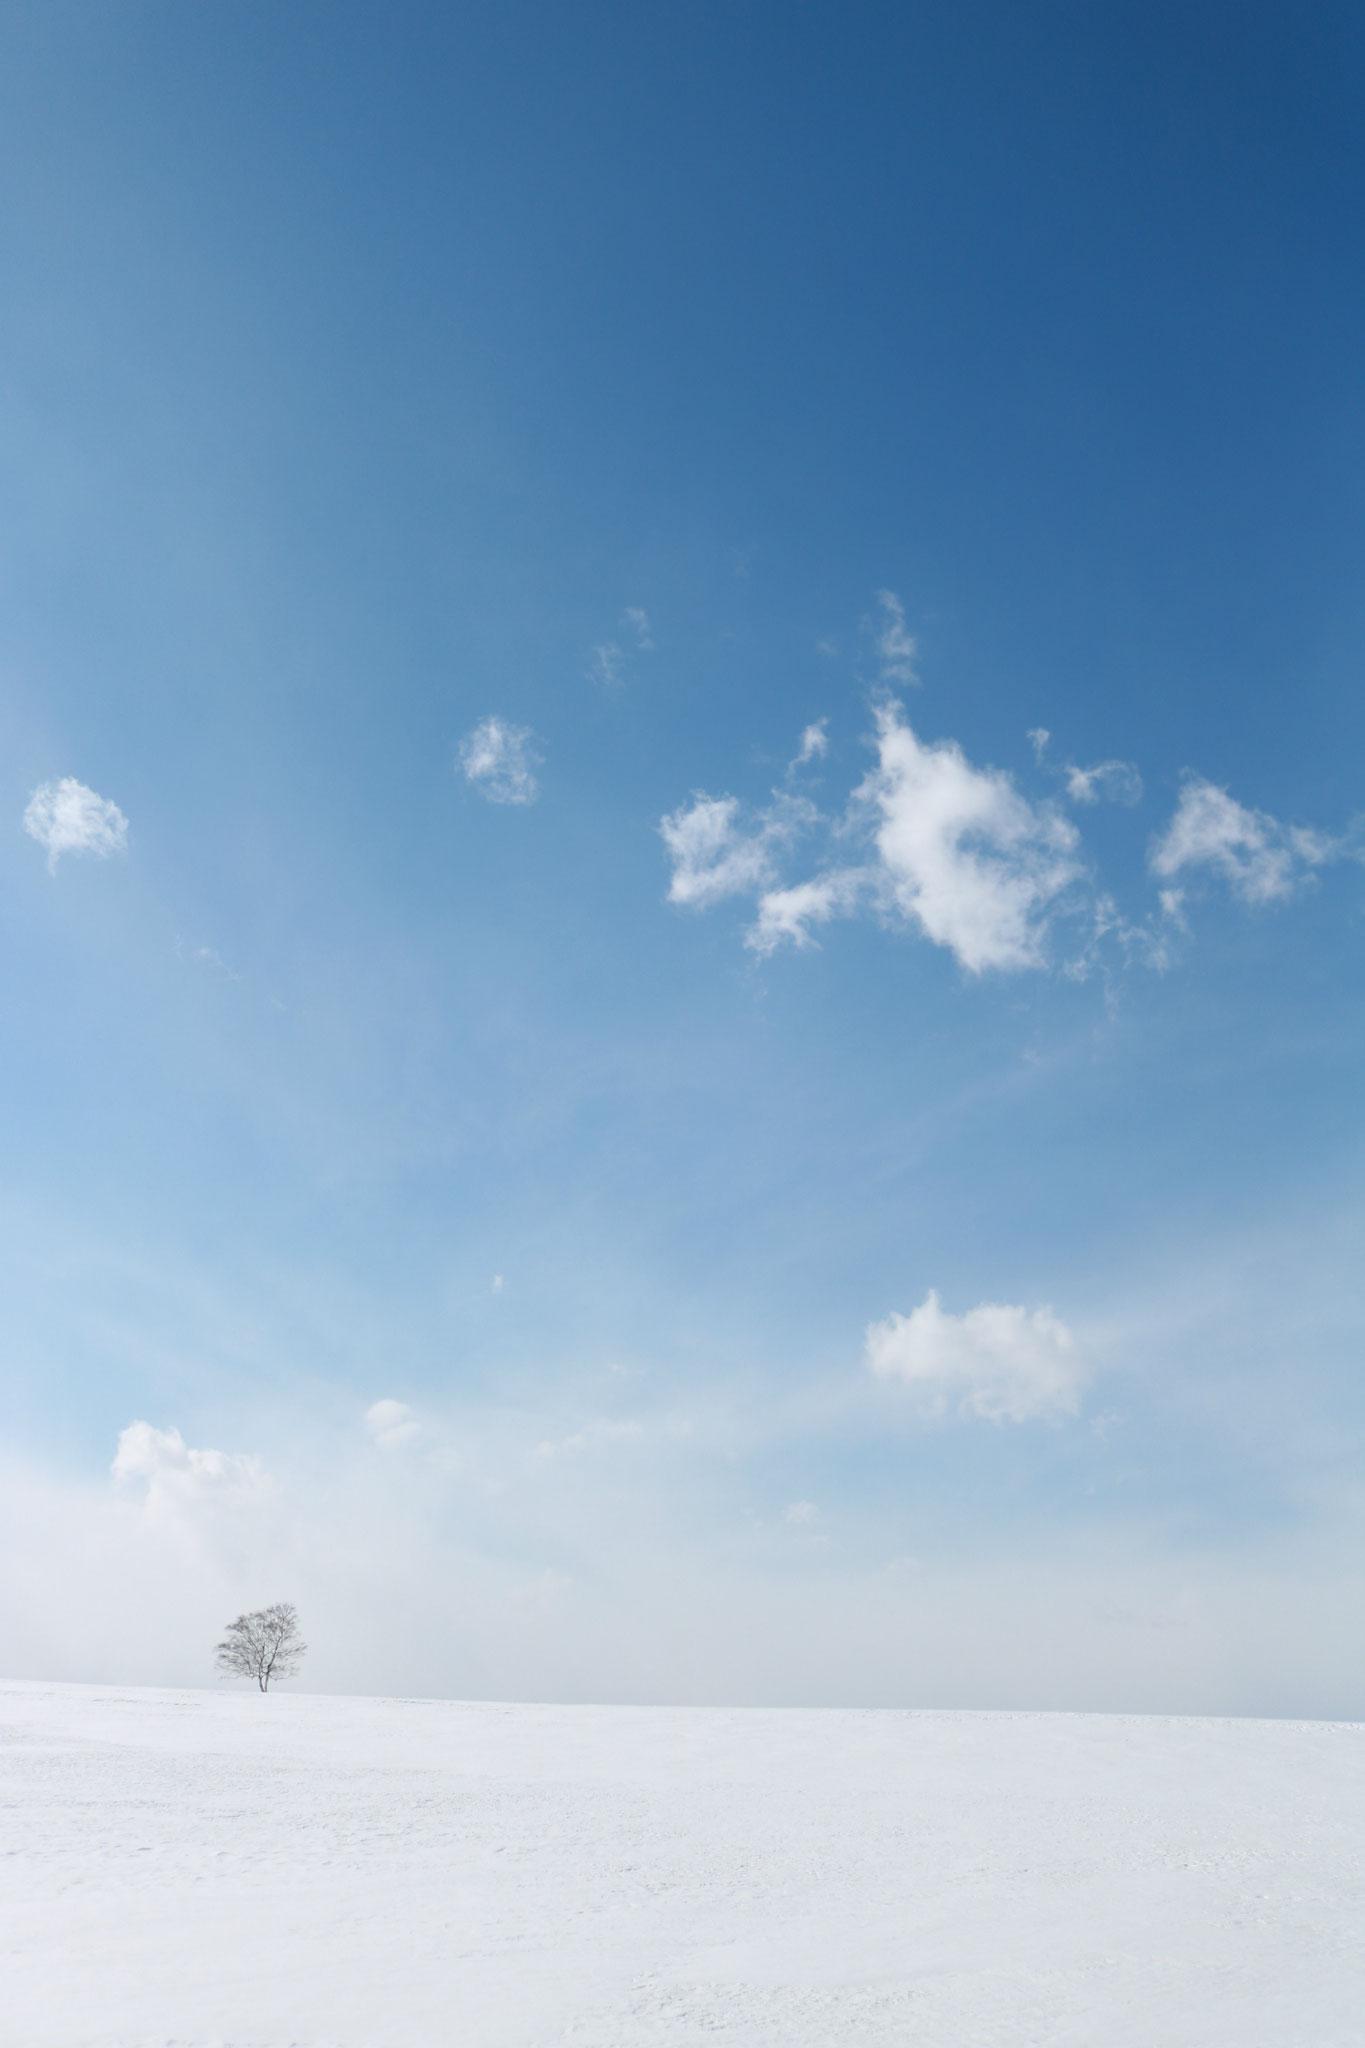 十勝晴れと雪原